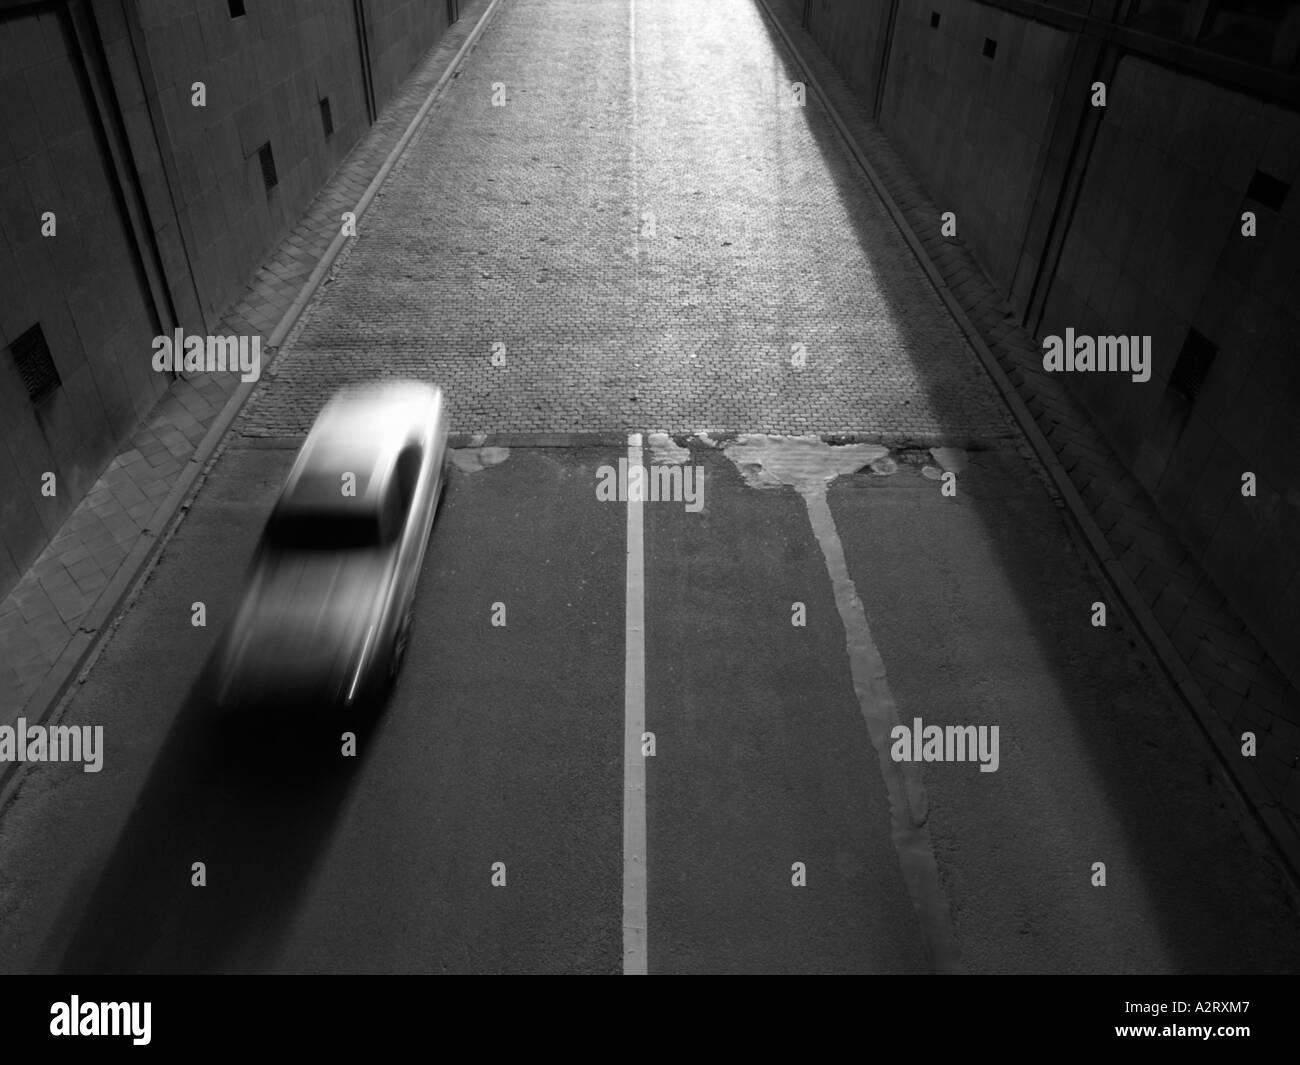 Argento auto Mercedes accelerando nel tunnel Bruxelles Belgio motion blur monocromatici in bianco e nero Foto Stock